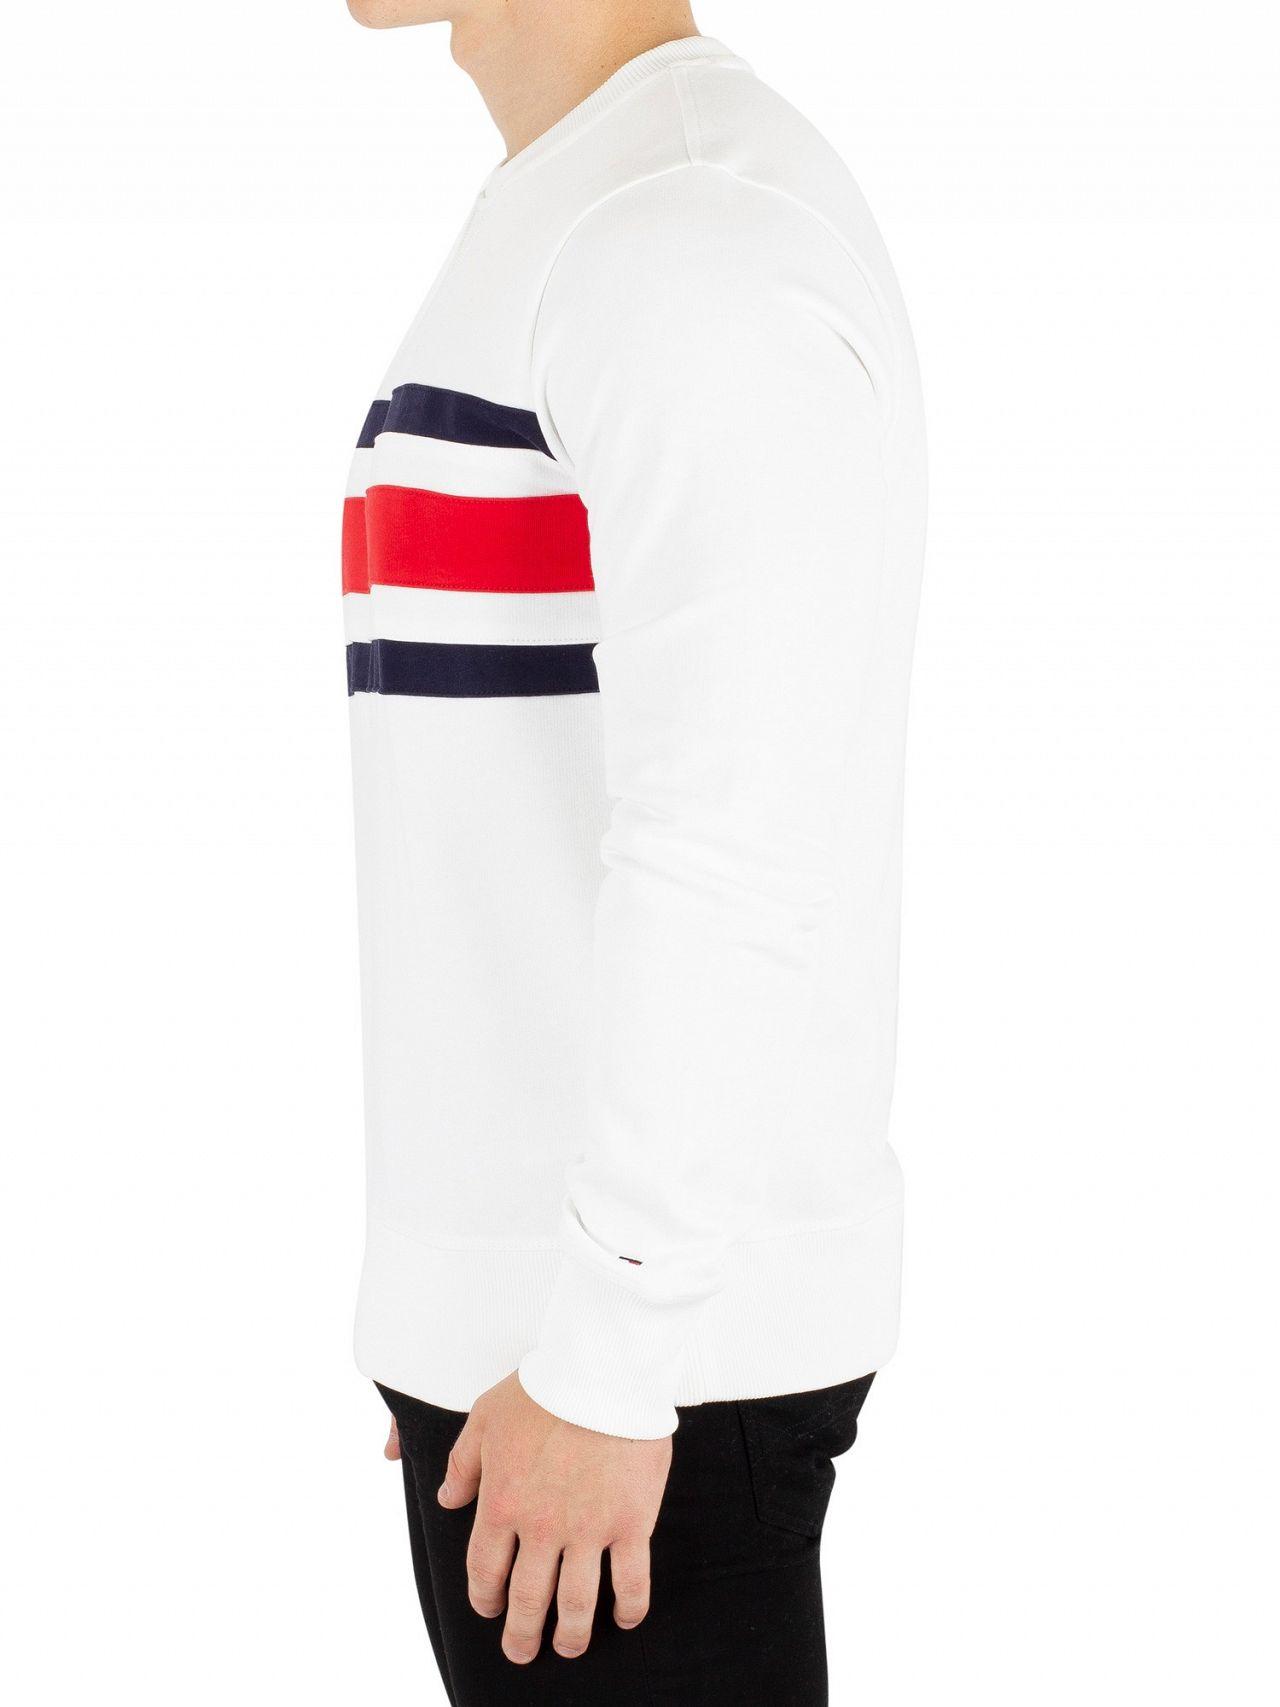 612aefd4db0089 Tommy Hilfiger Bright White Chest Stripe Sweatshirt